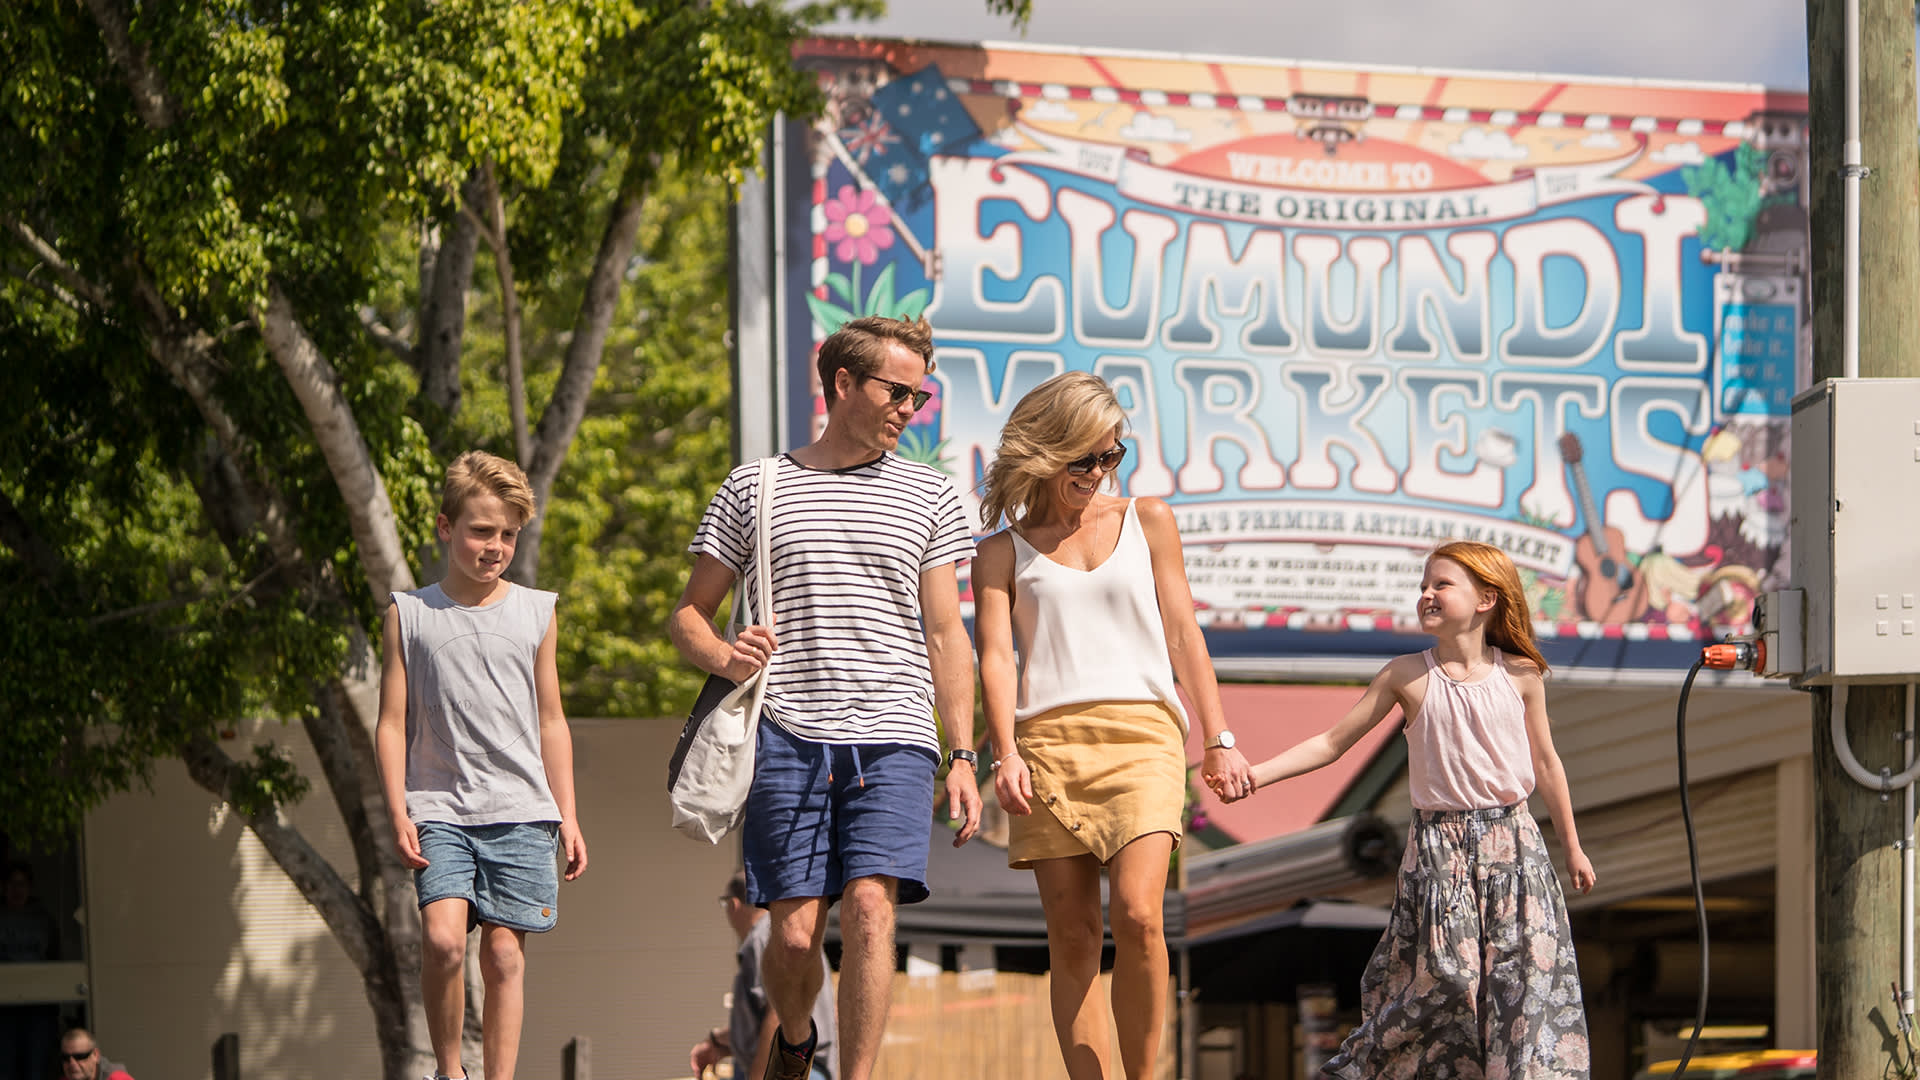 Family adventures in Eumundi